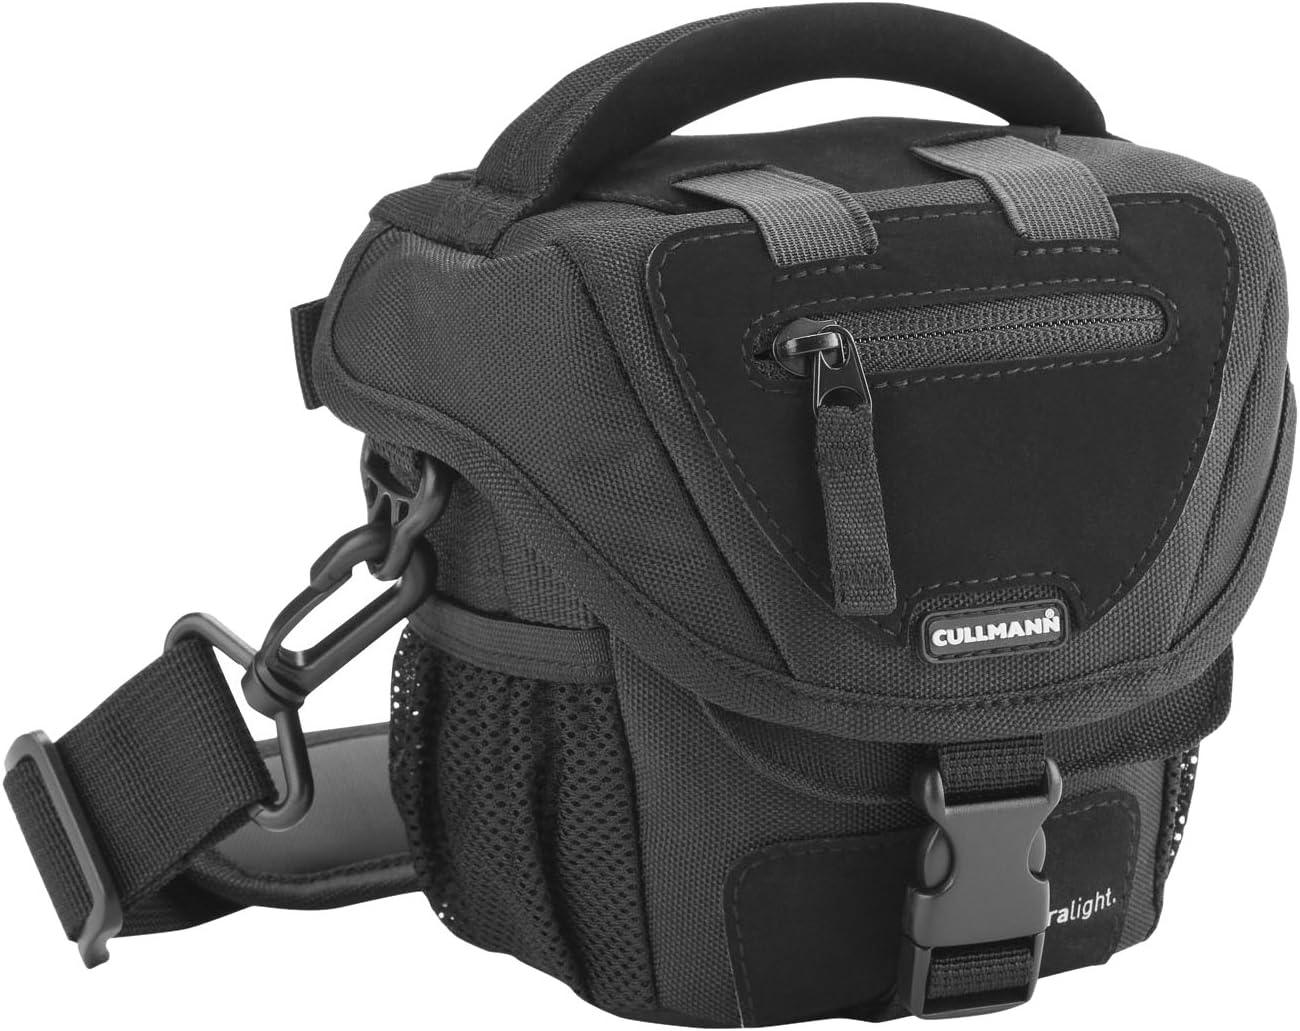 Cullmann Ultralight Cp Action 90 Tasche Für Kamera